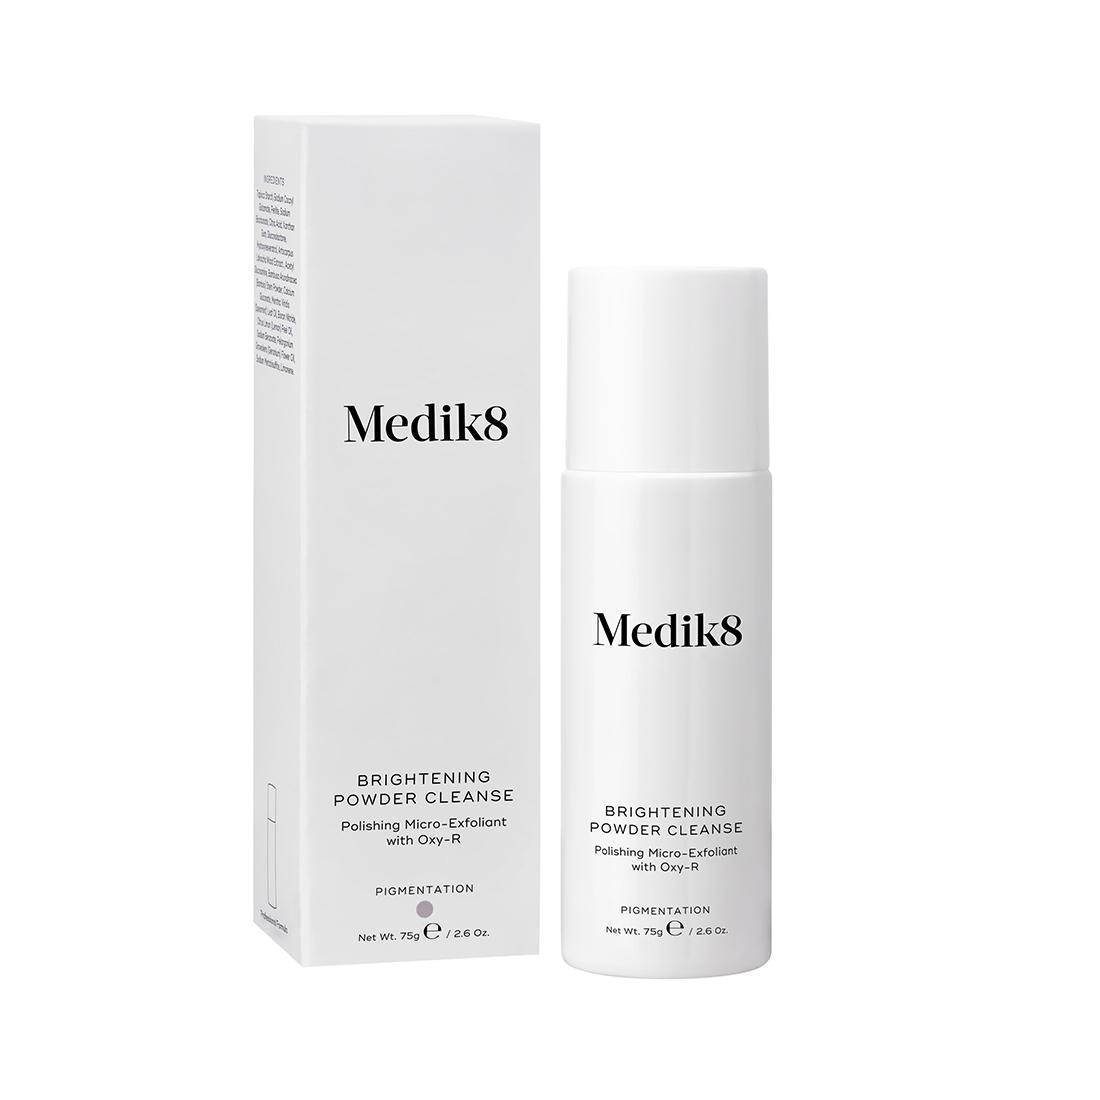 Medik8 Brightening Powder Cleanse - čisticí přípravek